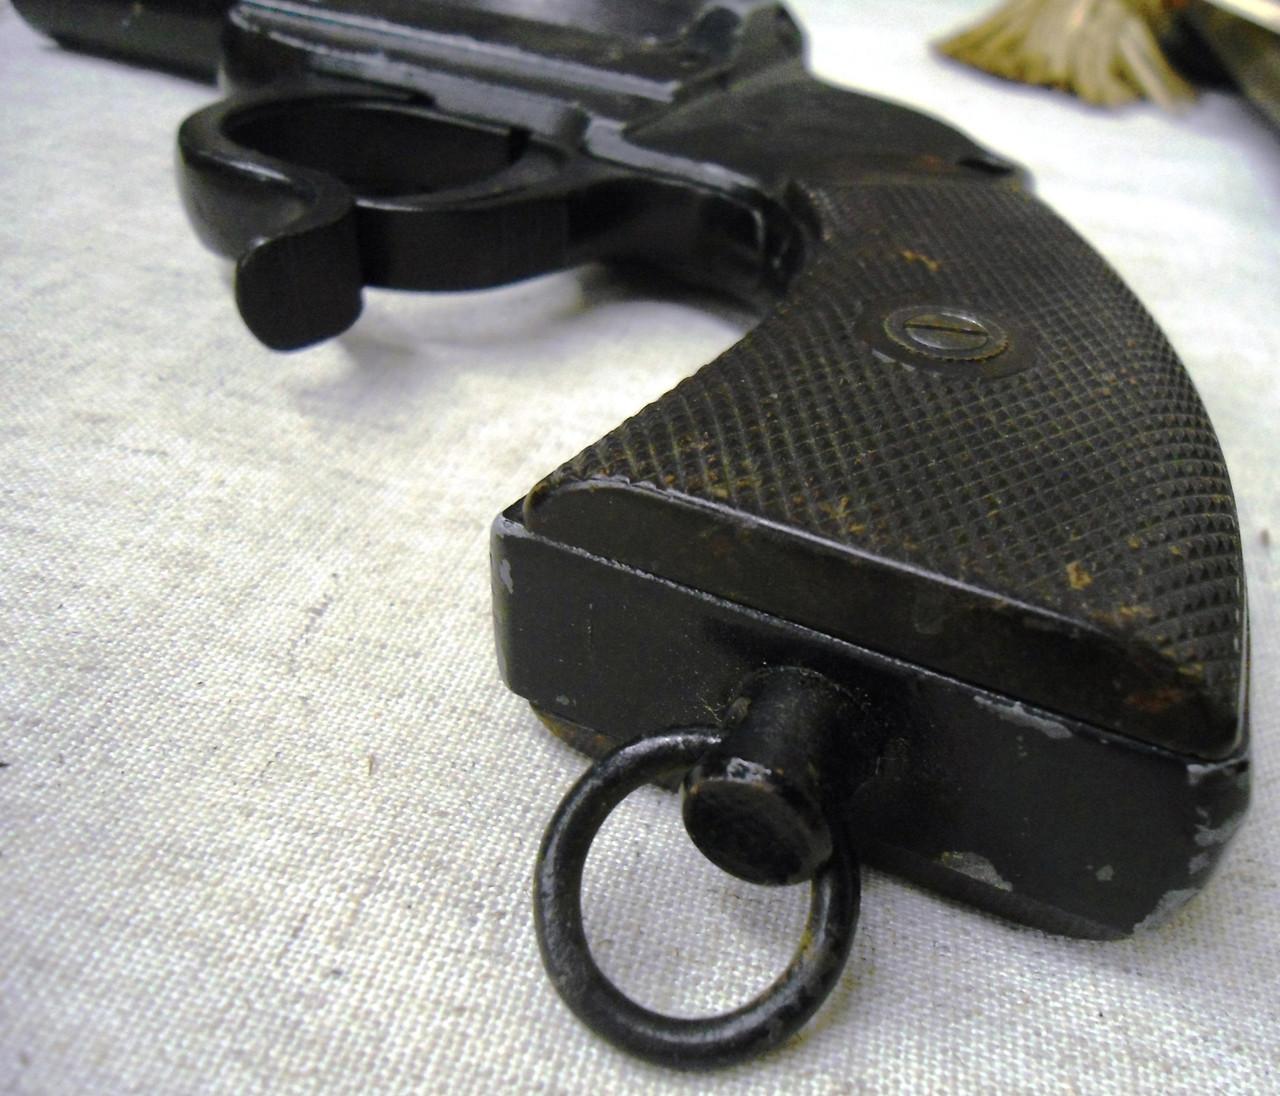 German WWII Erma Werk Nazi Marked Flare Pistol #1964